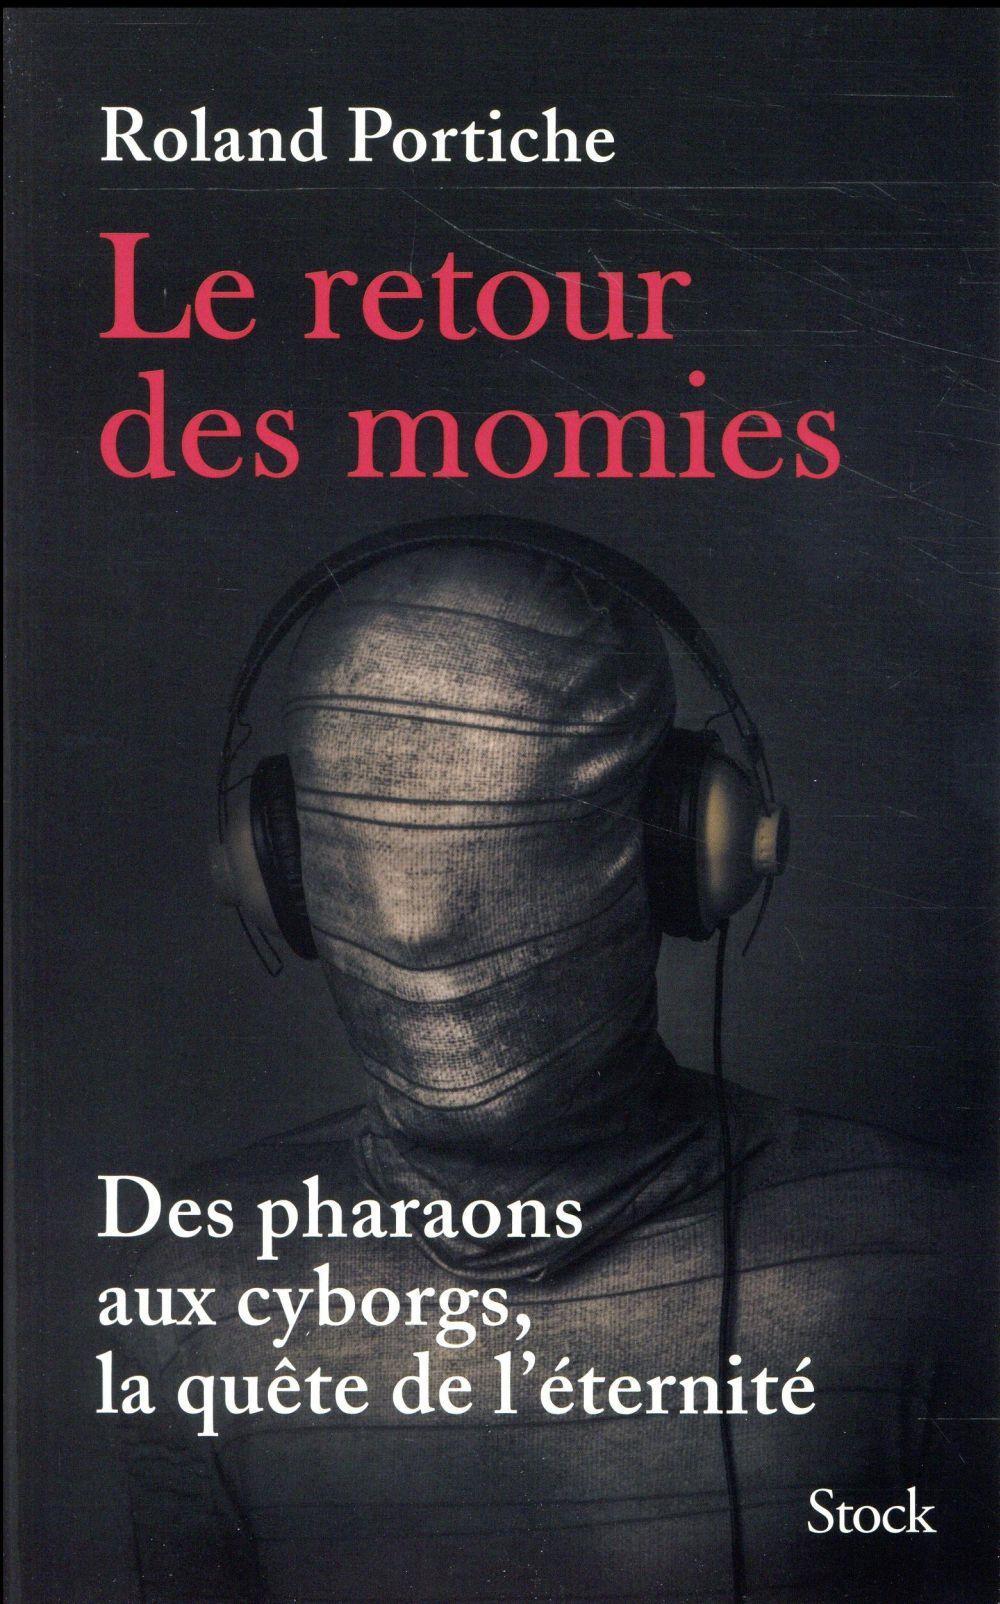 Le retour des momies des pharaons aux cyborgs la qu te - Aux portes de l eternite ...